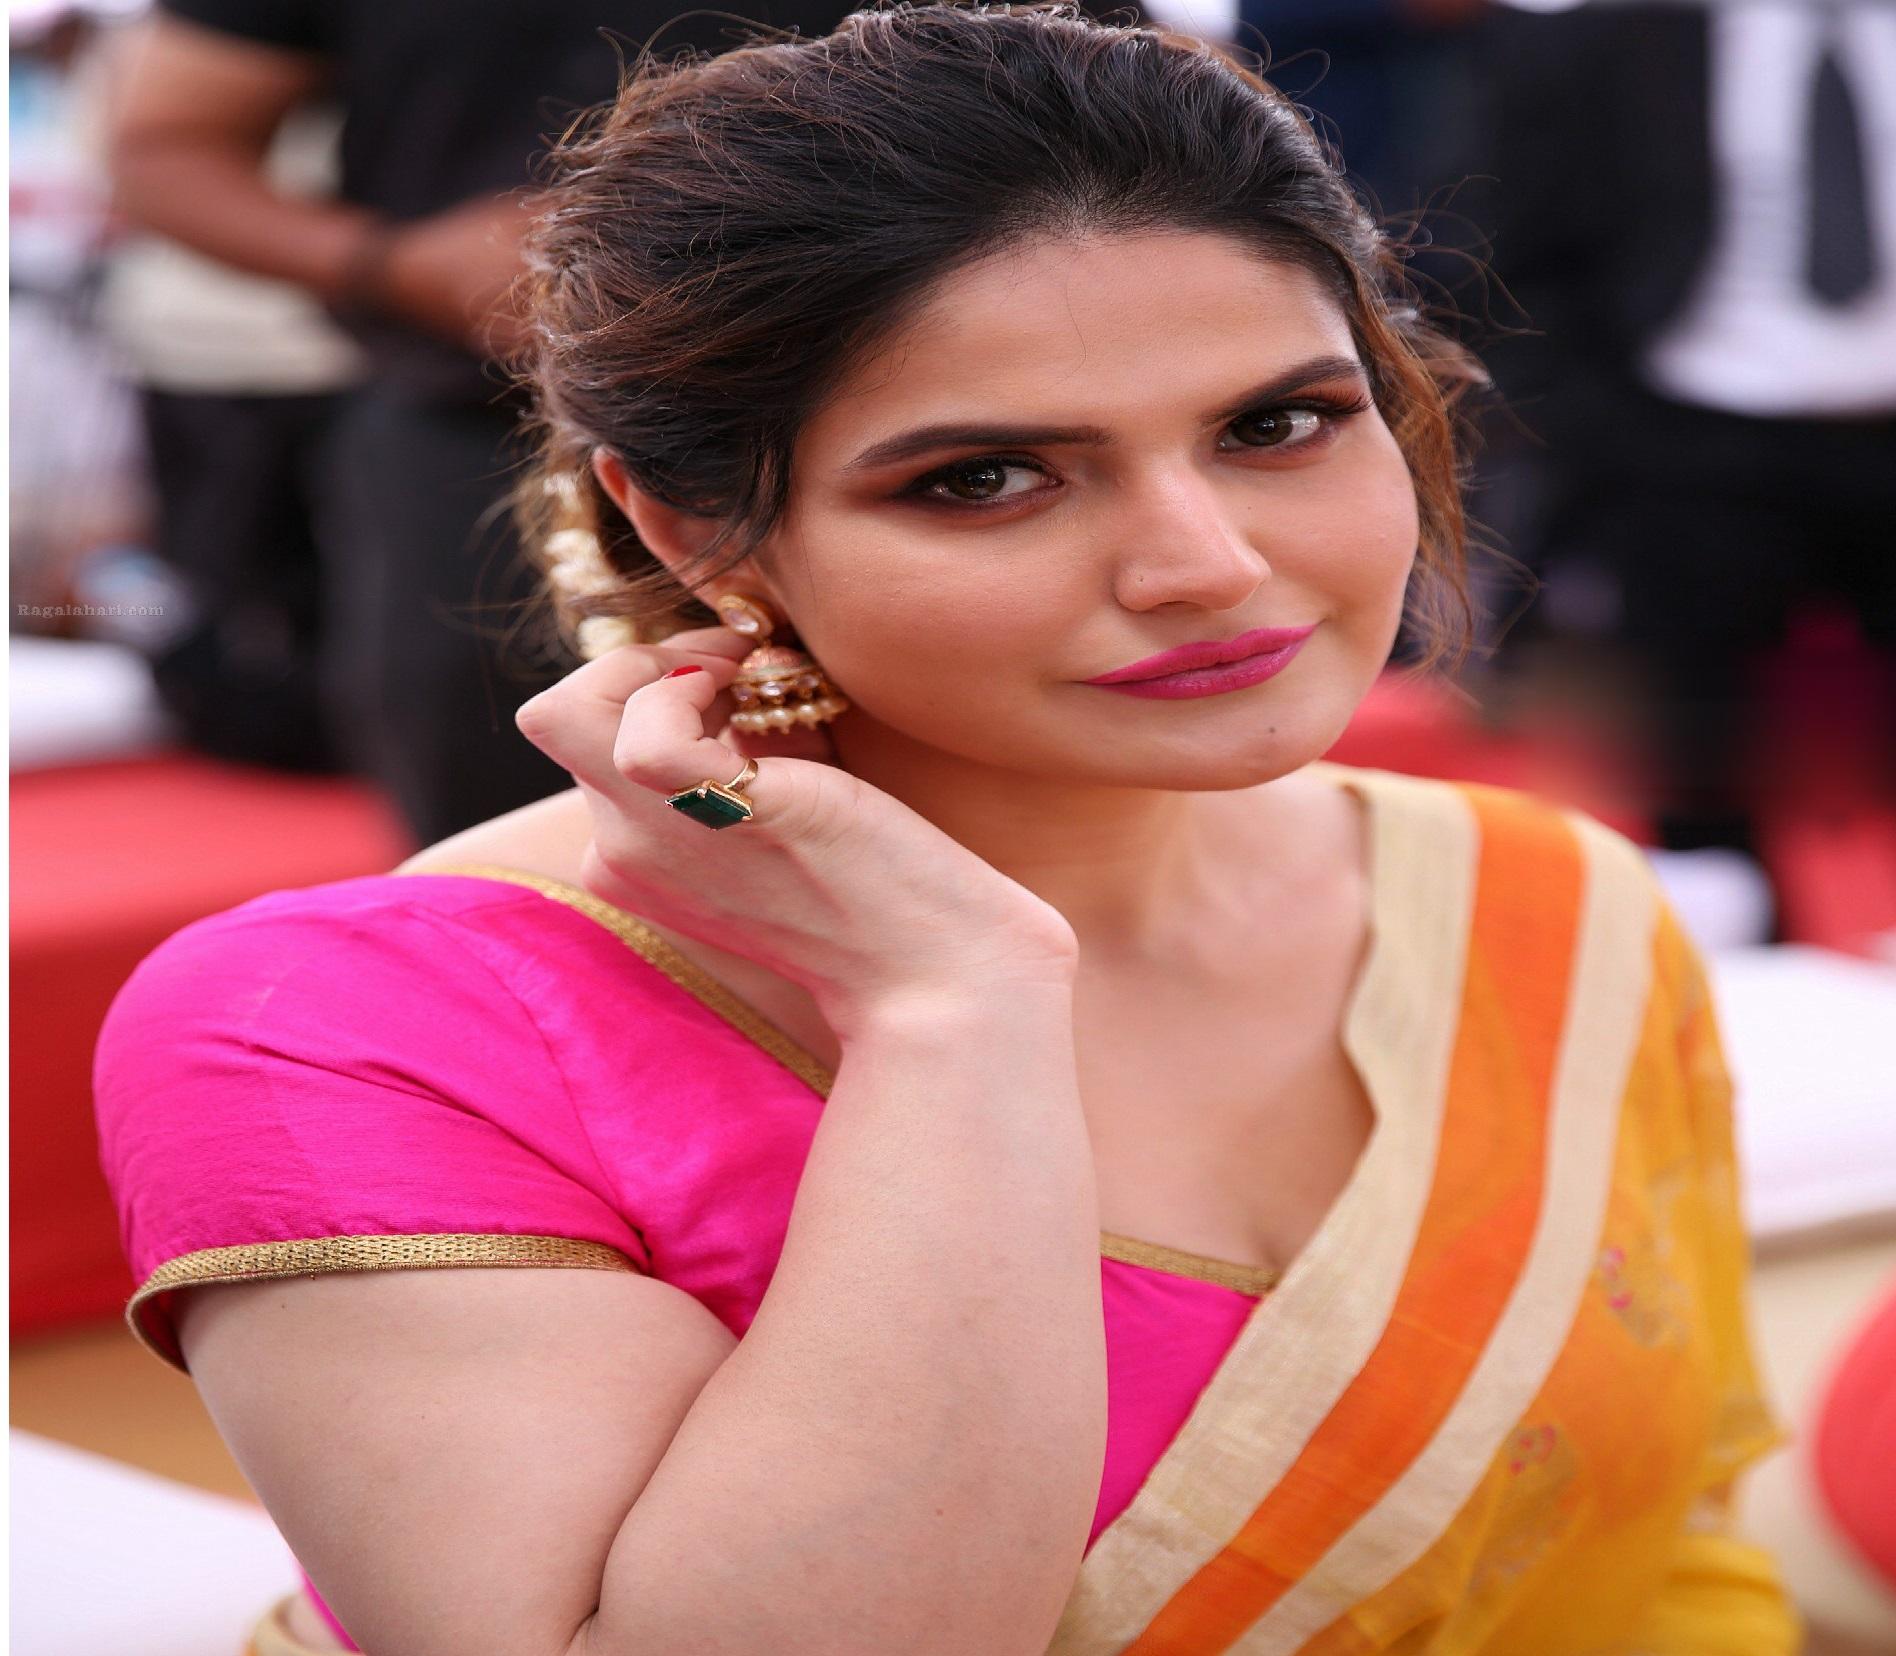 فلموں میں آنے سے پہلے 100 کلوتھا اس اداکارہ کا وزن، سلمان نے بدلی قسمت